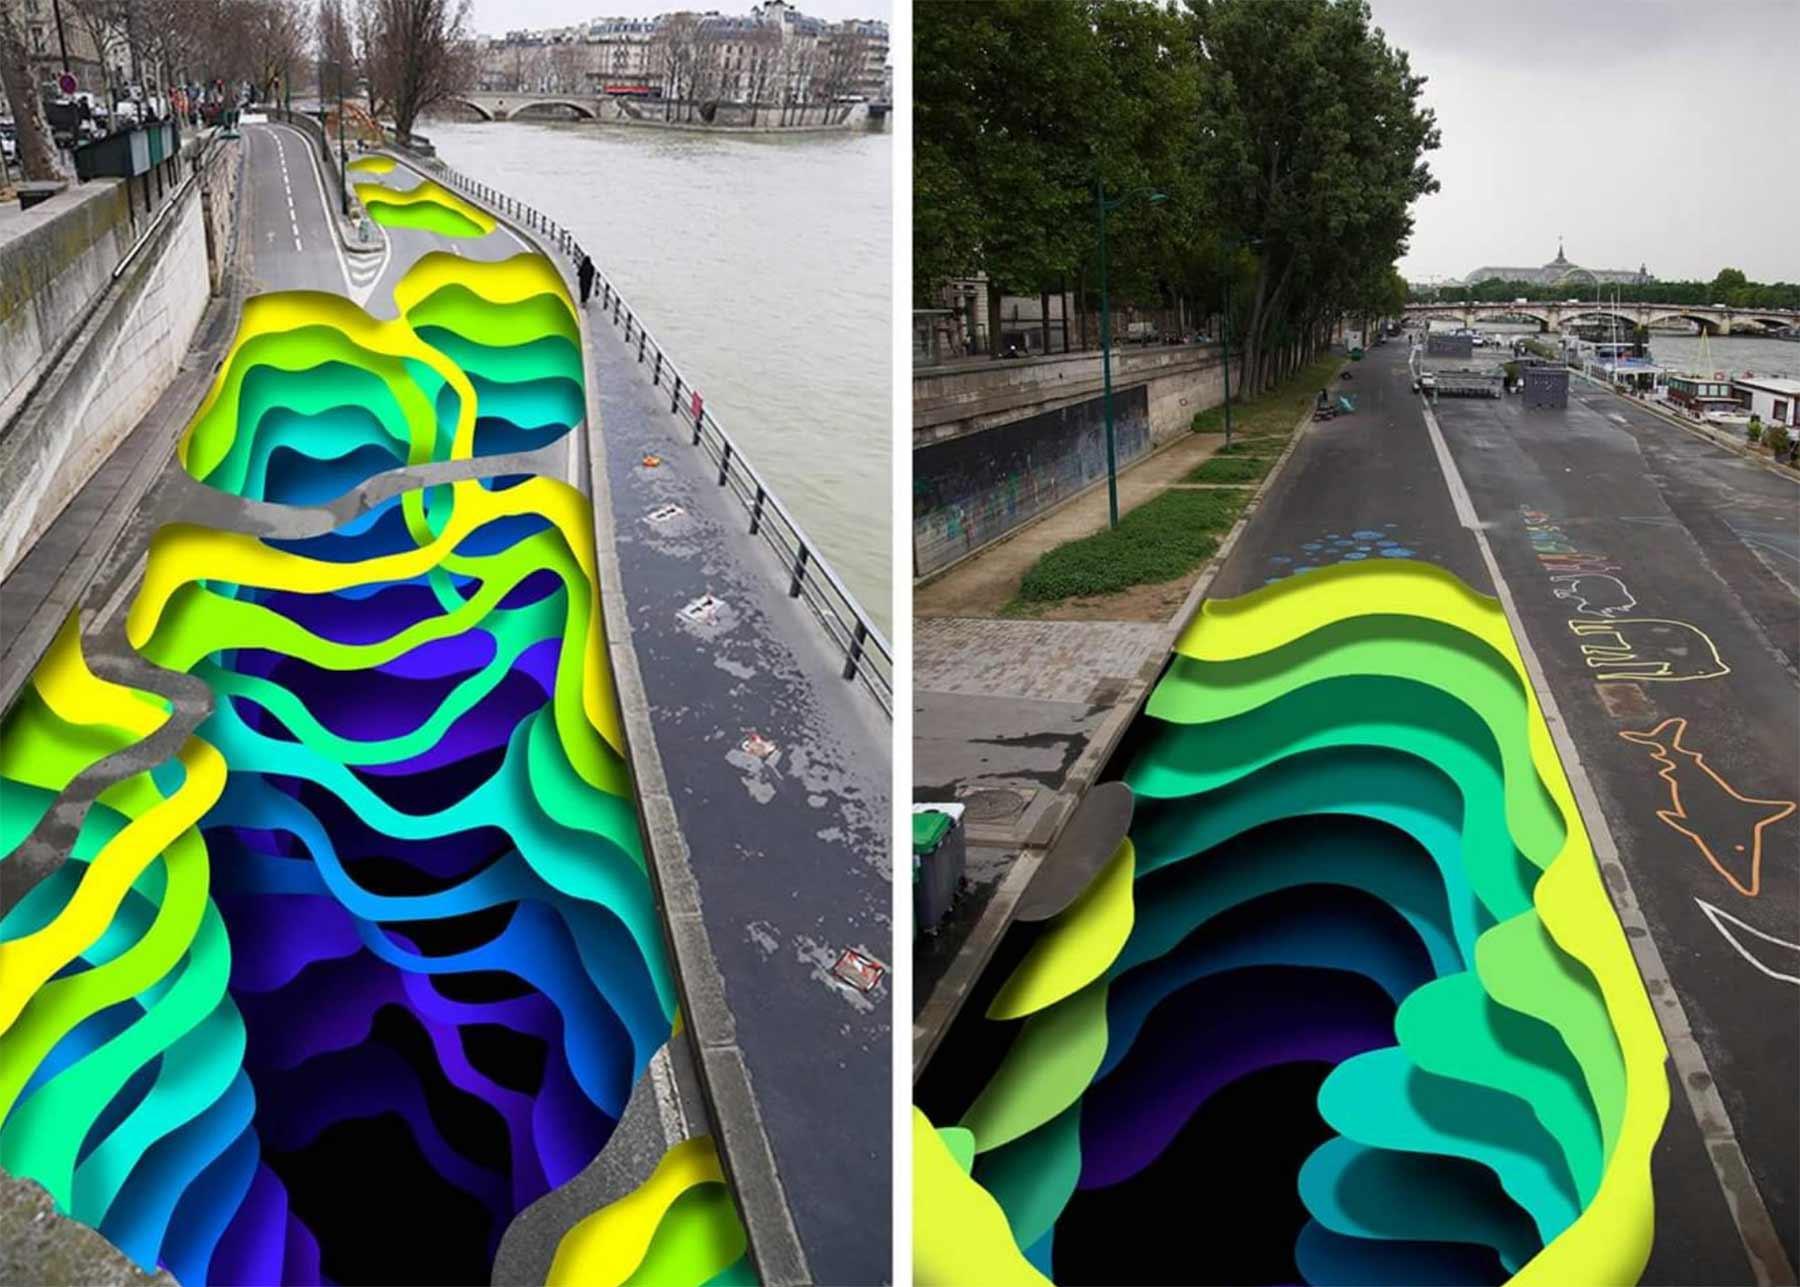 18.000 Quadratmeter großes 3D-Loch im Boden Stream-street-art-1010_01